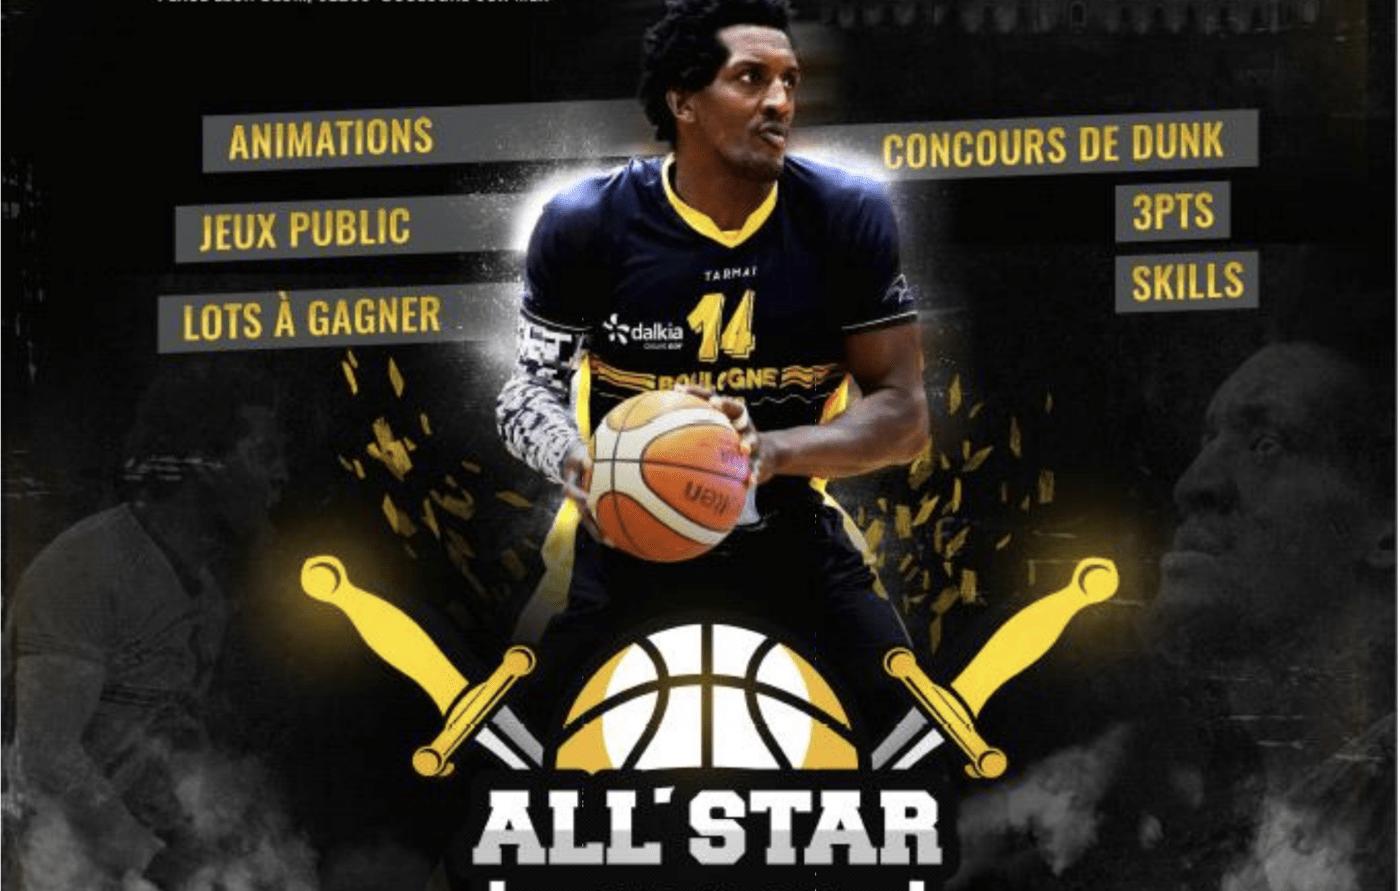 Suivez le All-Star Game de N1 en live ce dimanche